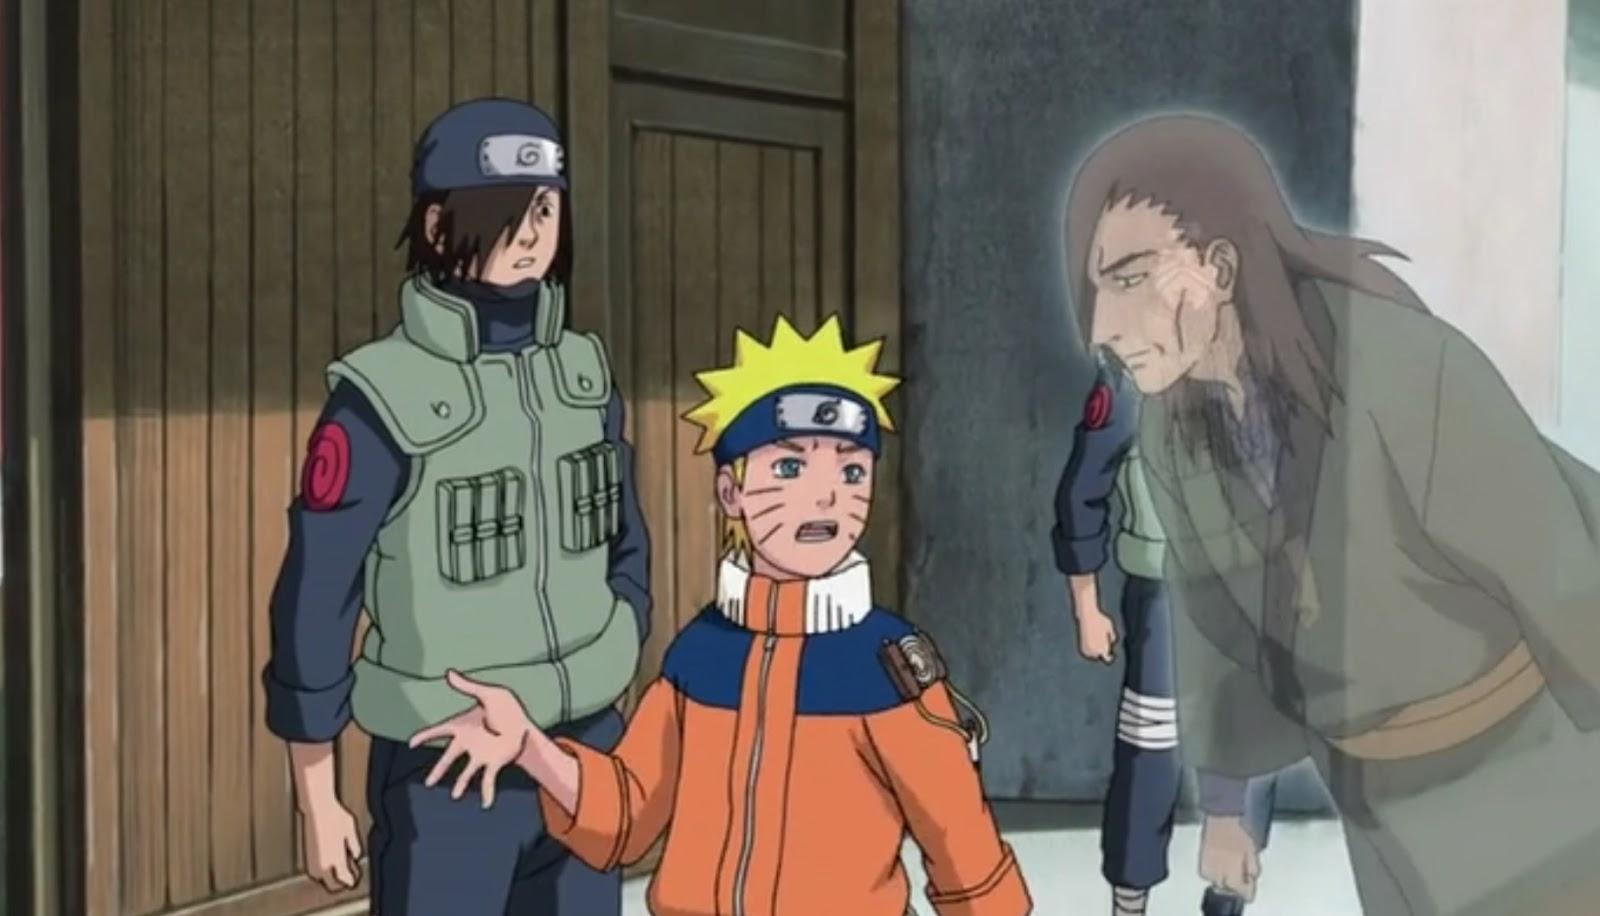 Naruto Shippuden Episódio 193, Assistir Naruto Shippuden Episódio 193, Assistir Naruto Shippuden Todos os Episódios Legendado, Naruto Shippuden episódio 193,HD